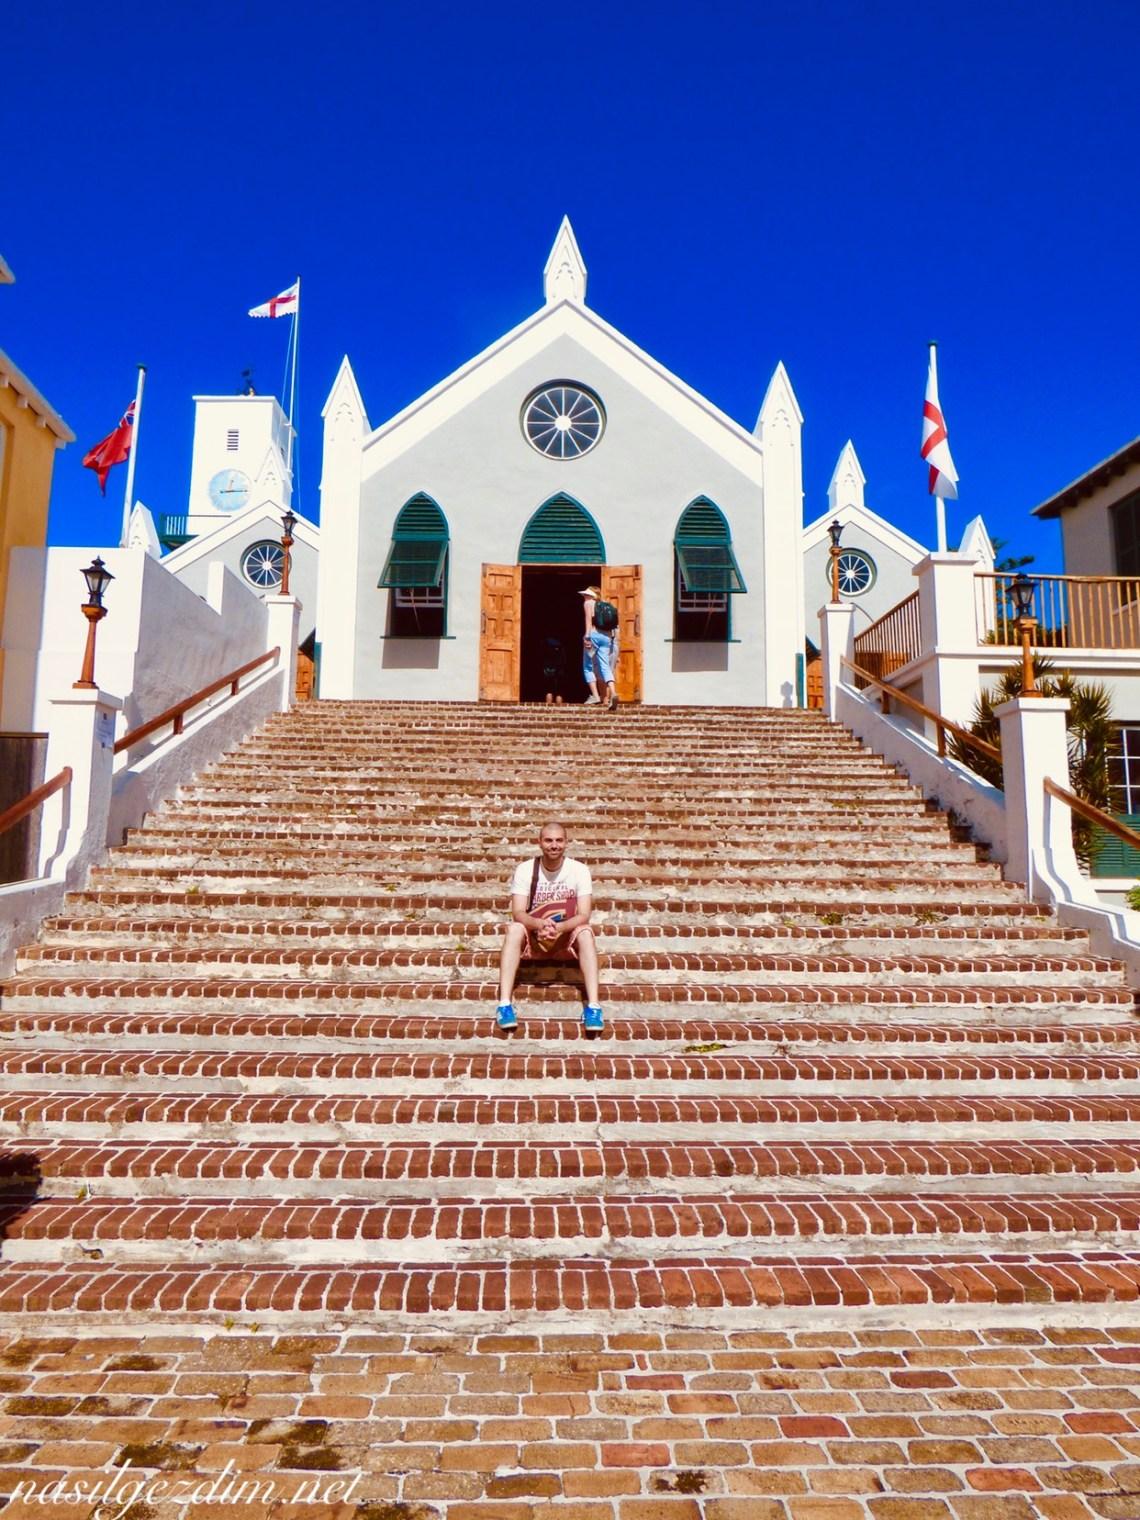 Bermuda, Bermuda nerede, bermuda gezi rehberi, Bermuda gezilecek yerler, bermuda gezisi, nasil gezdim (1).jpeg